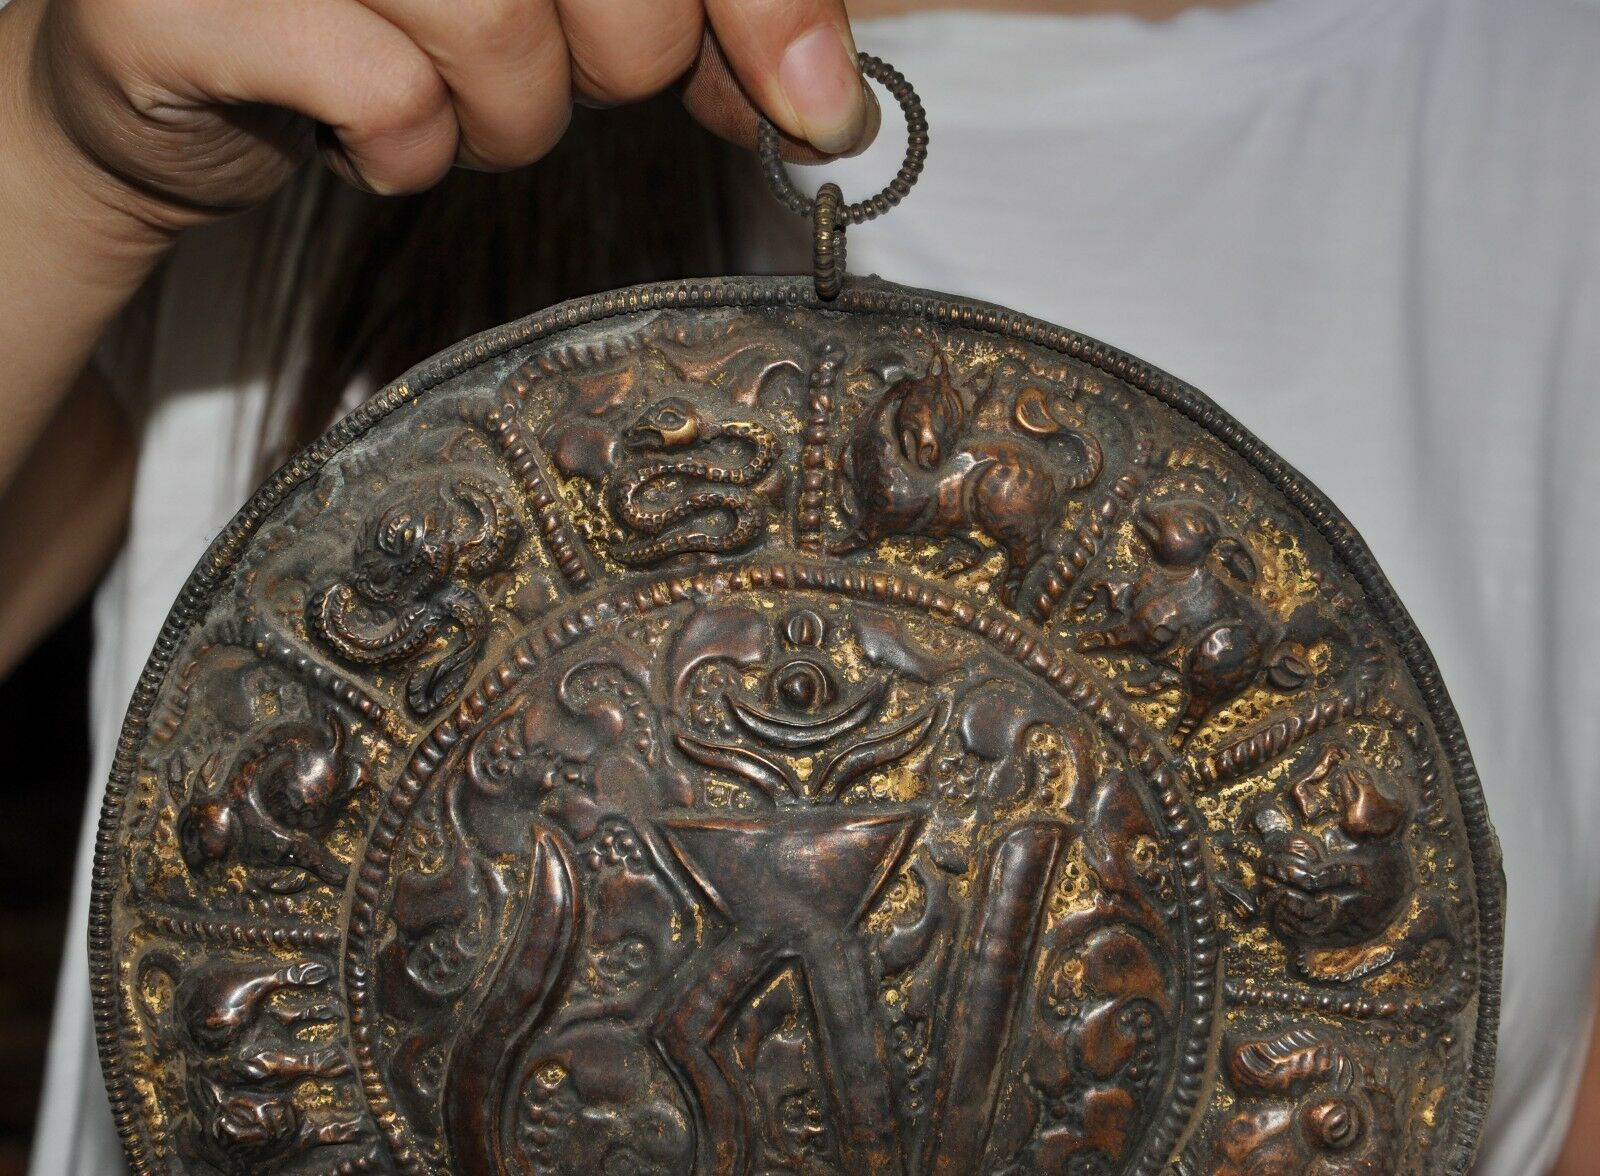 Свадебные украшения 8 Старый тибетский буддизм, бронзовый позолоченный знак зодиака животных Сутра настенный Tangka - 2